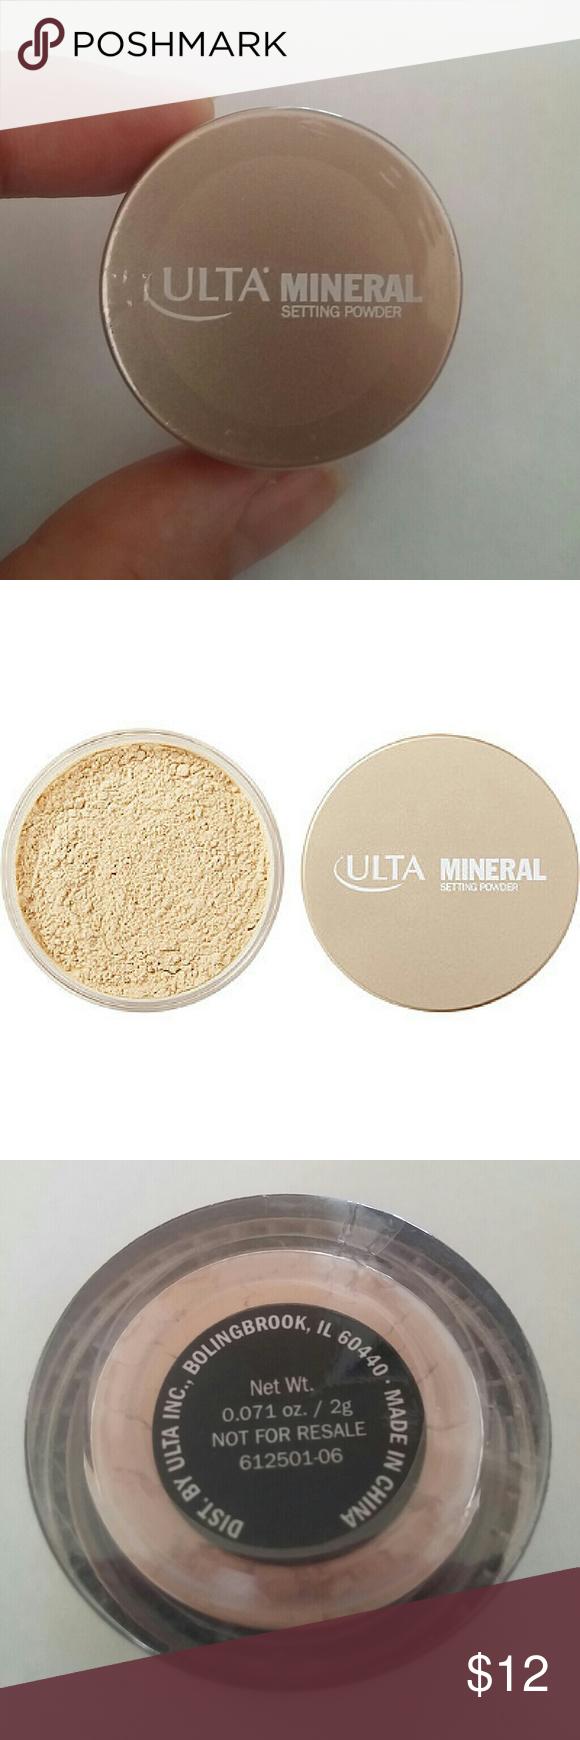 Ulta mineral setting powder Setting powder, Talc free